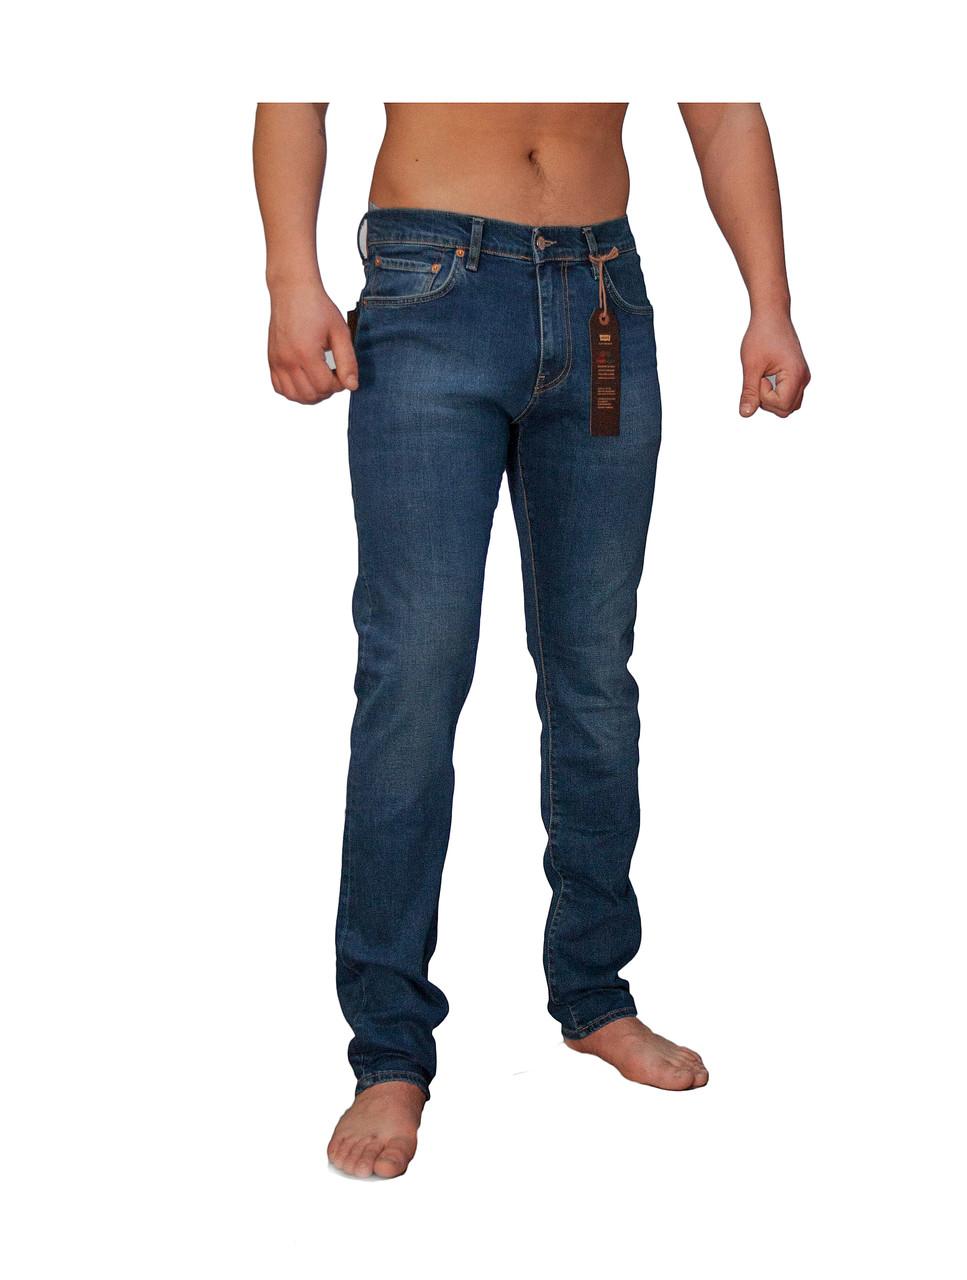 Мужские джинсы 511 DUNNY 02 TINT